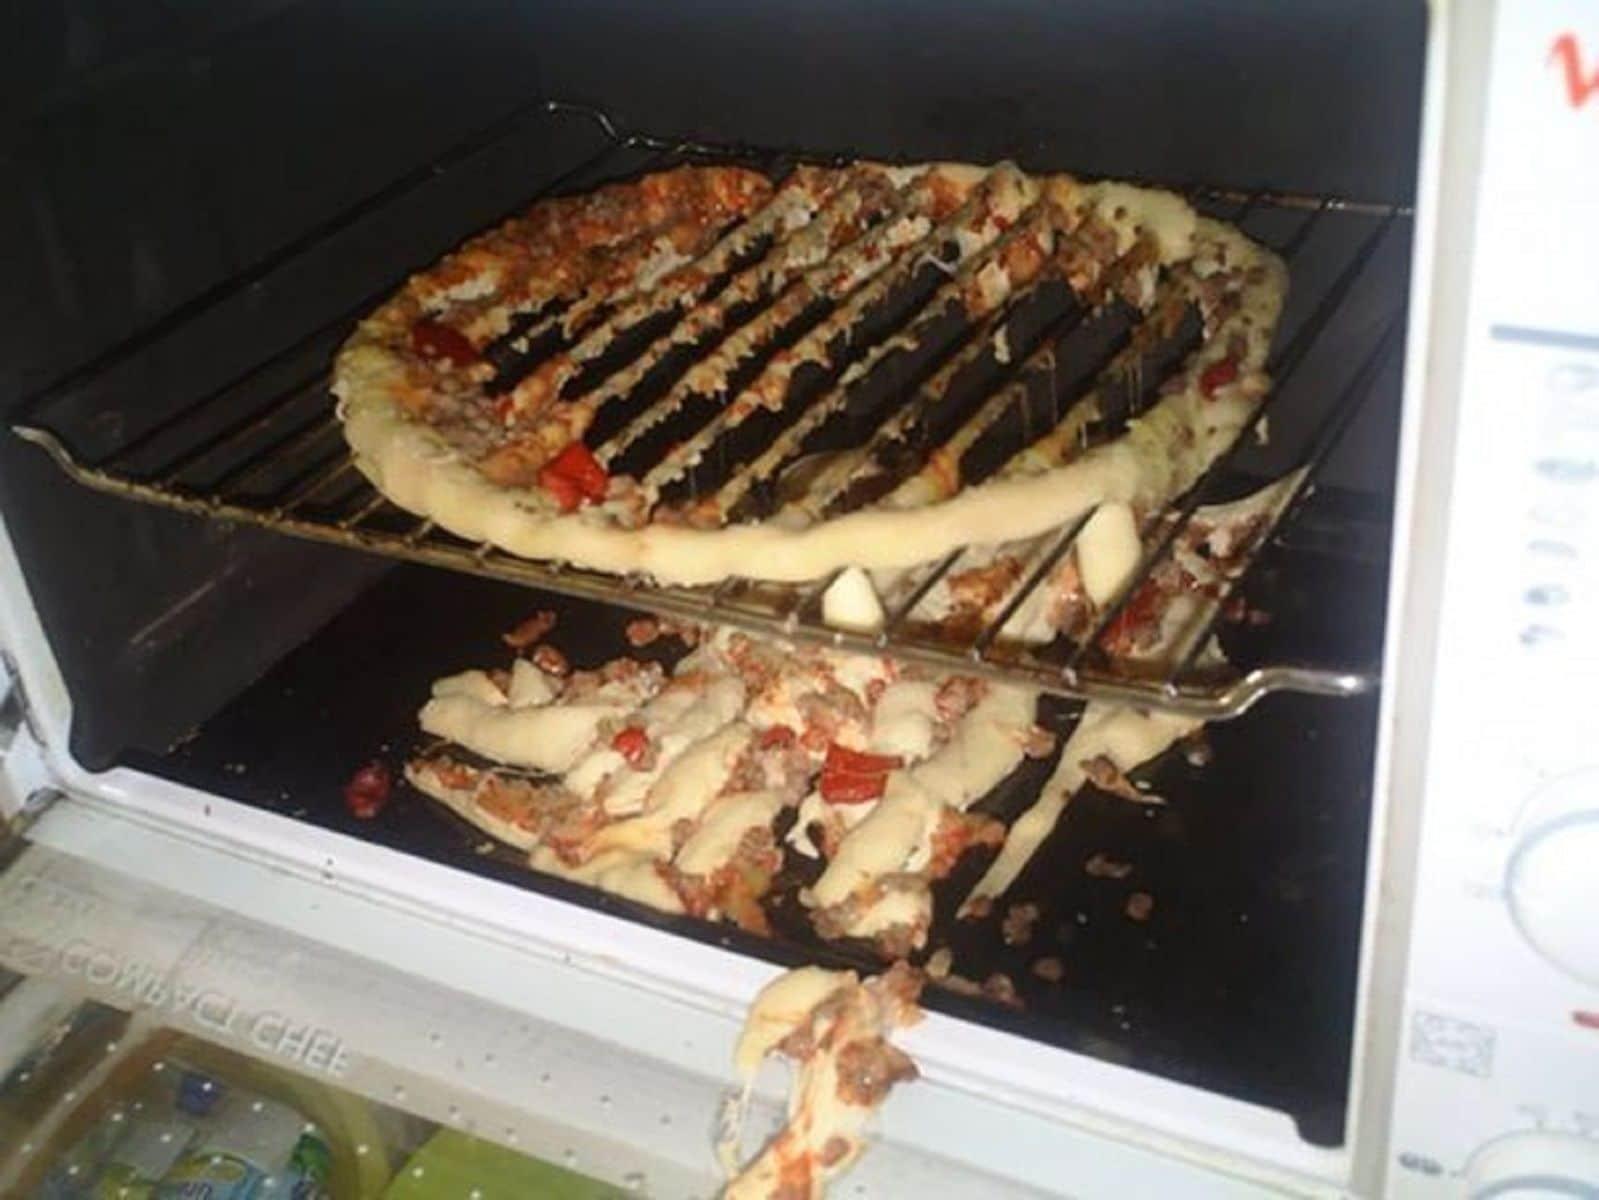 Desastre na cozinha os piores pratos culinarios que voce poderia ver hoje 22